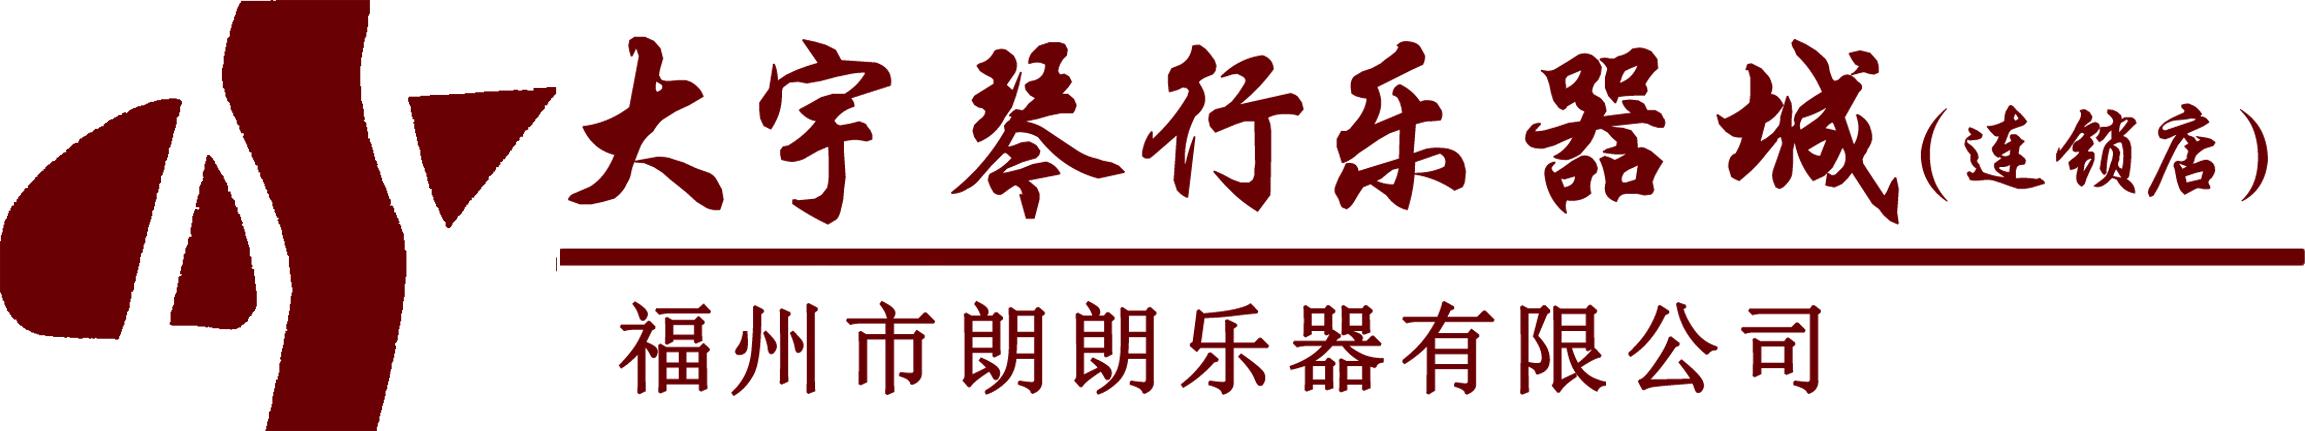 福州大宇琴行